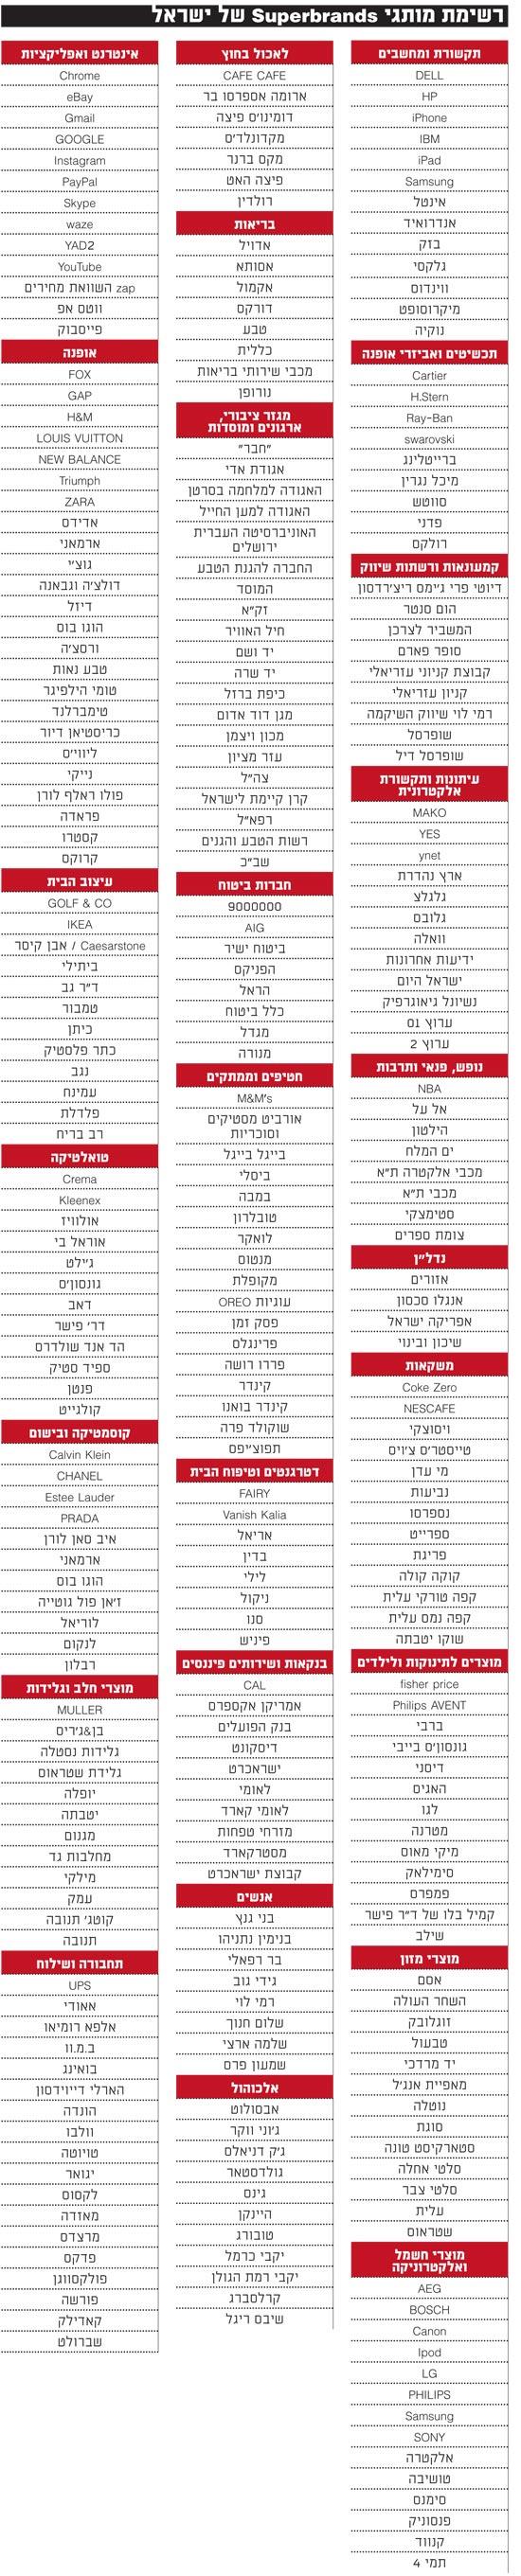 רשימת מותגי Superbrands של ישראל